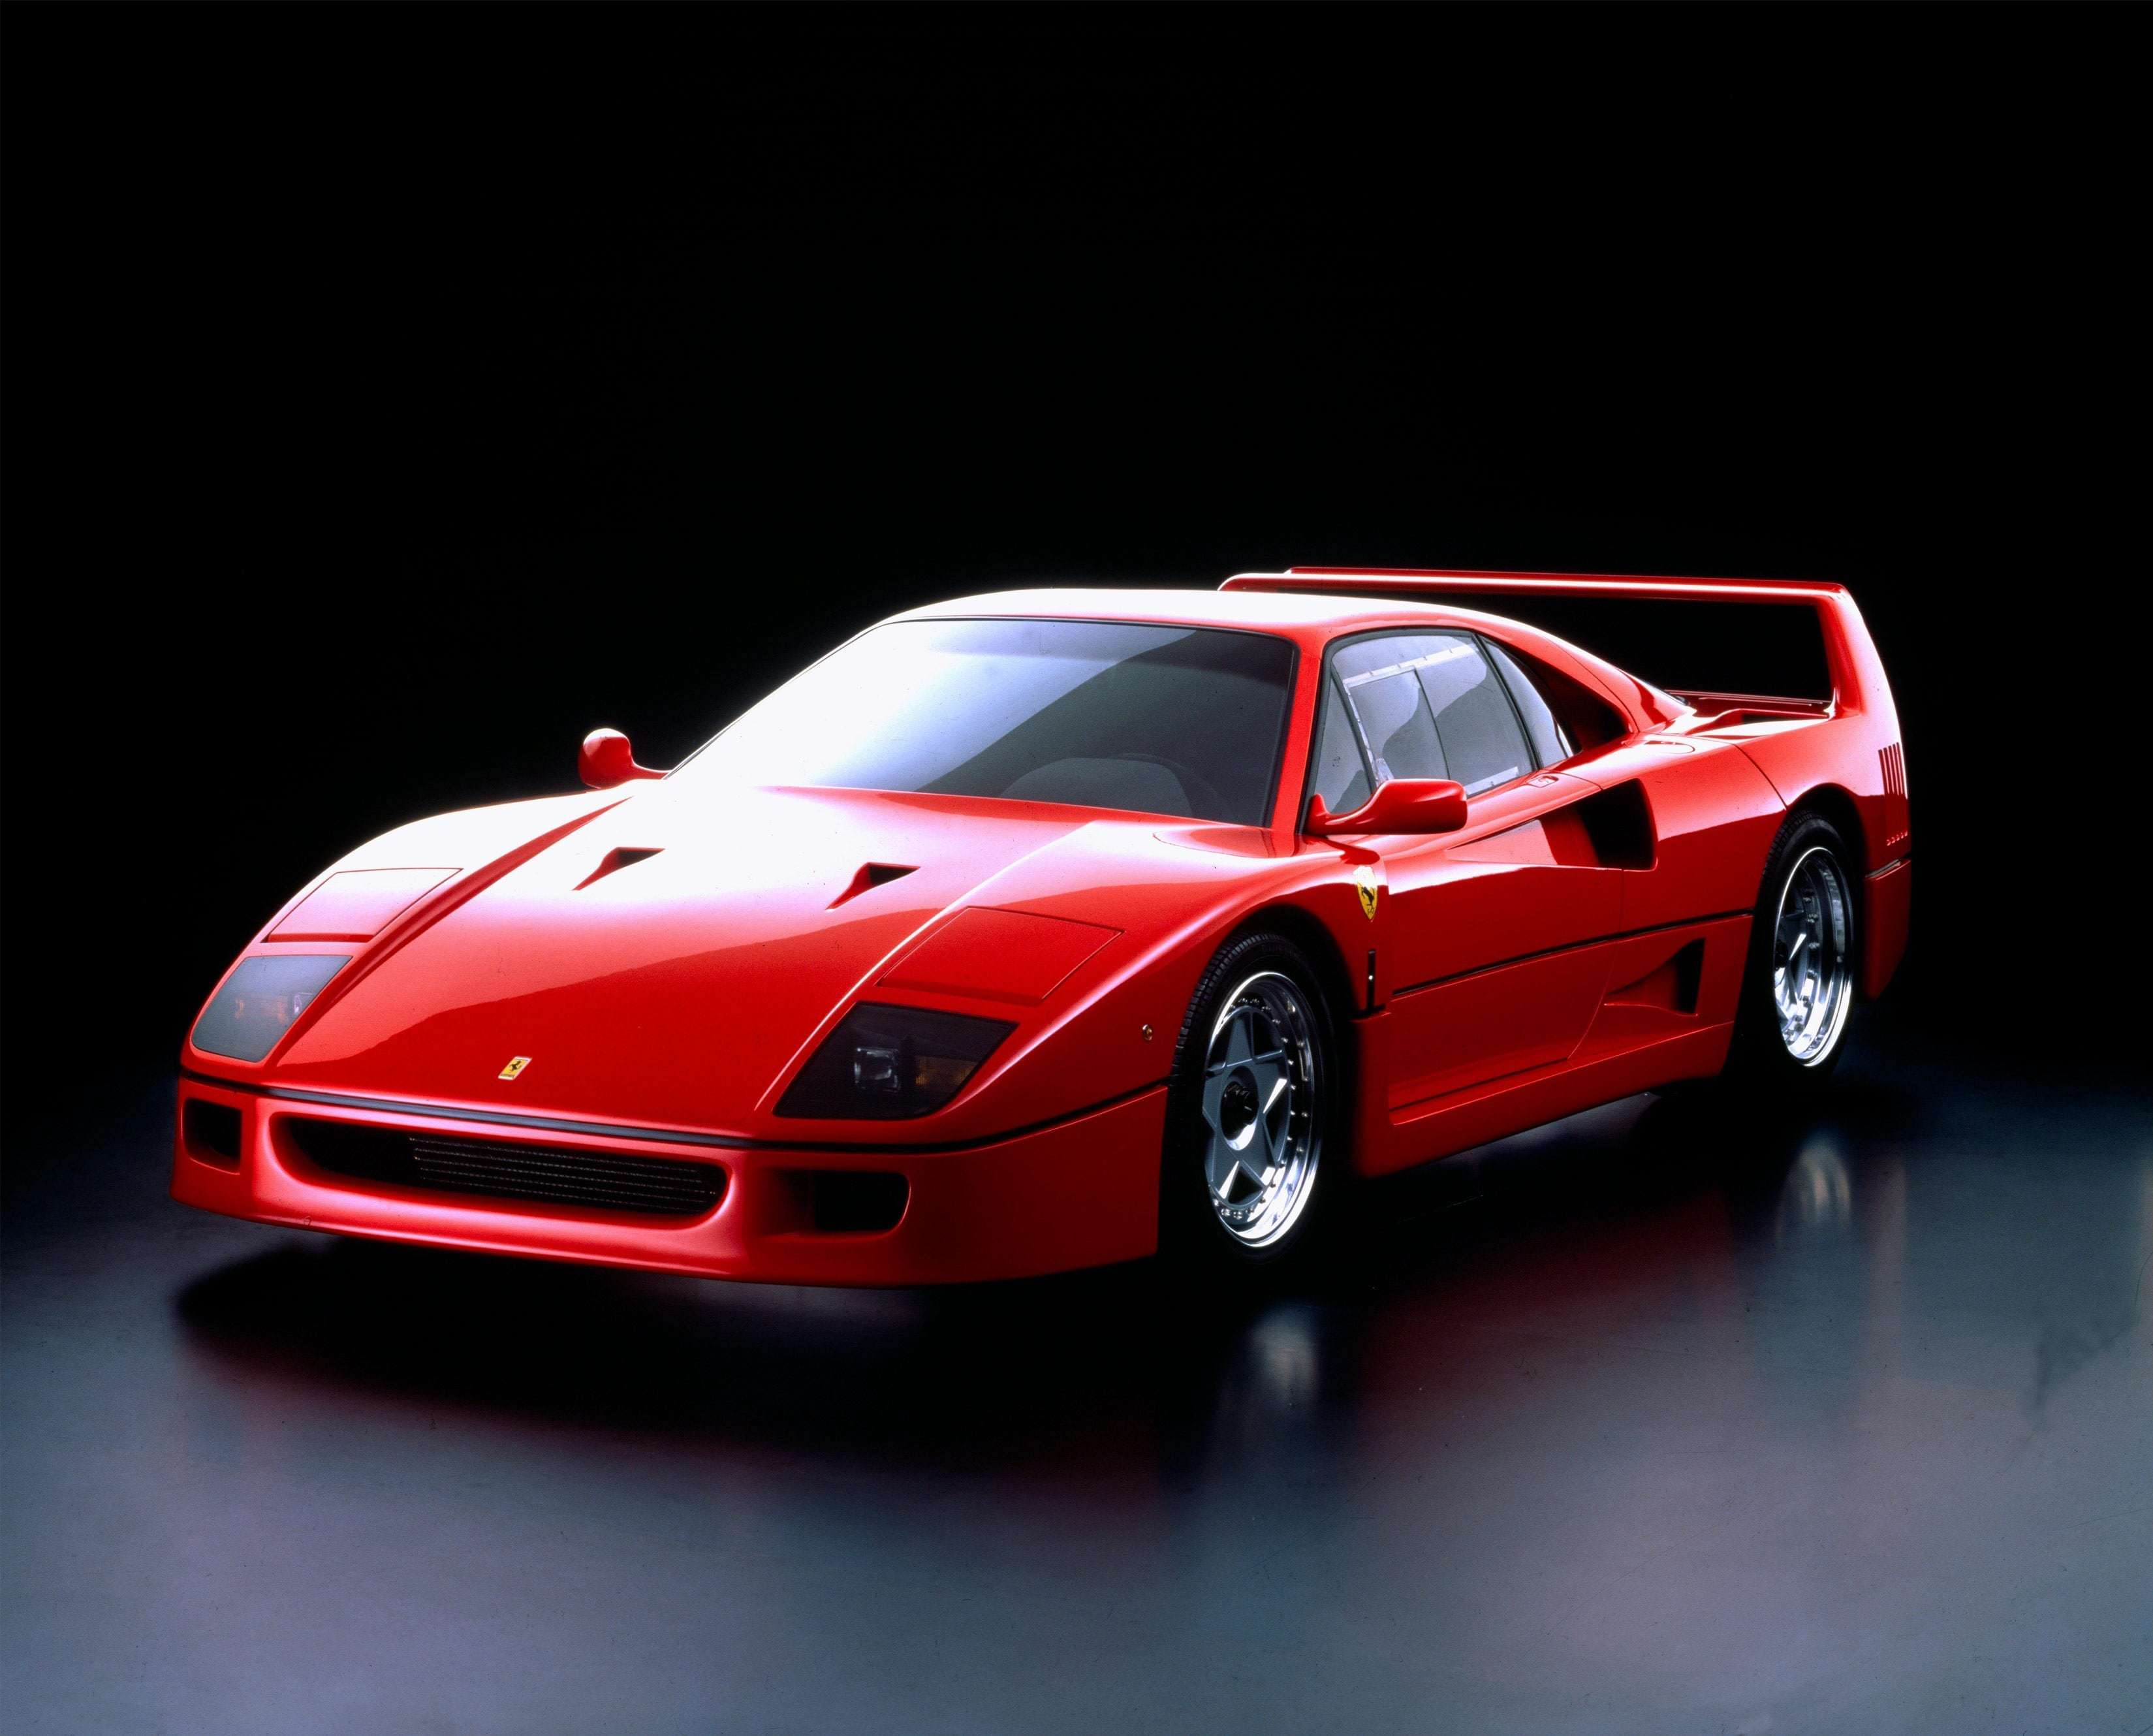 Ferrari F40 Desktop